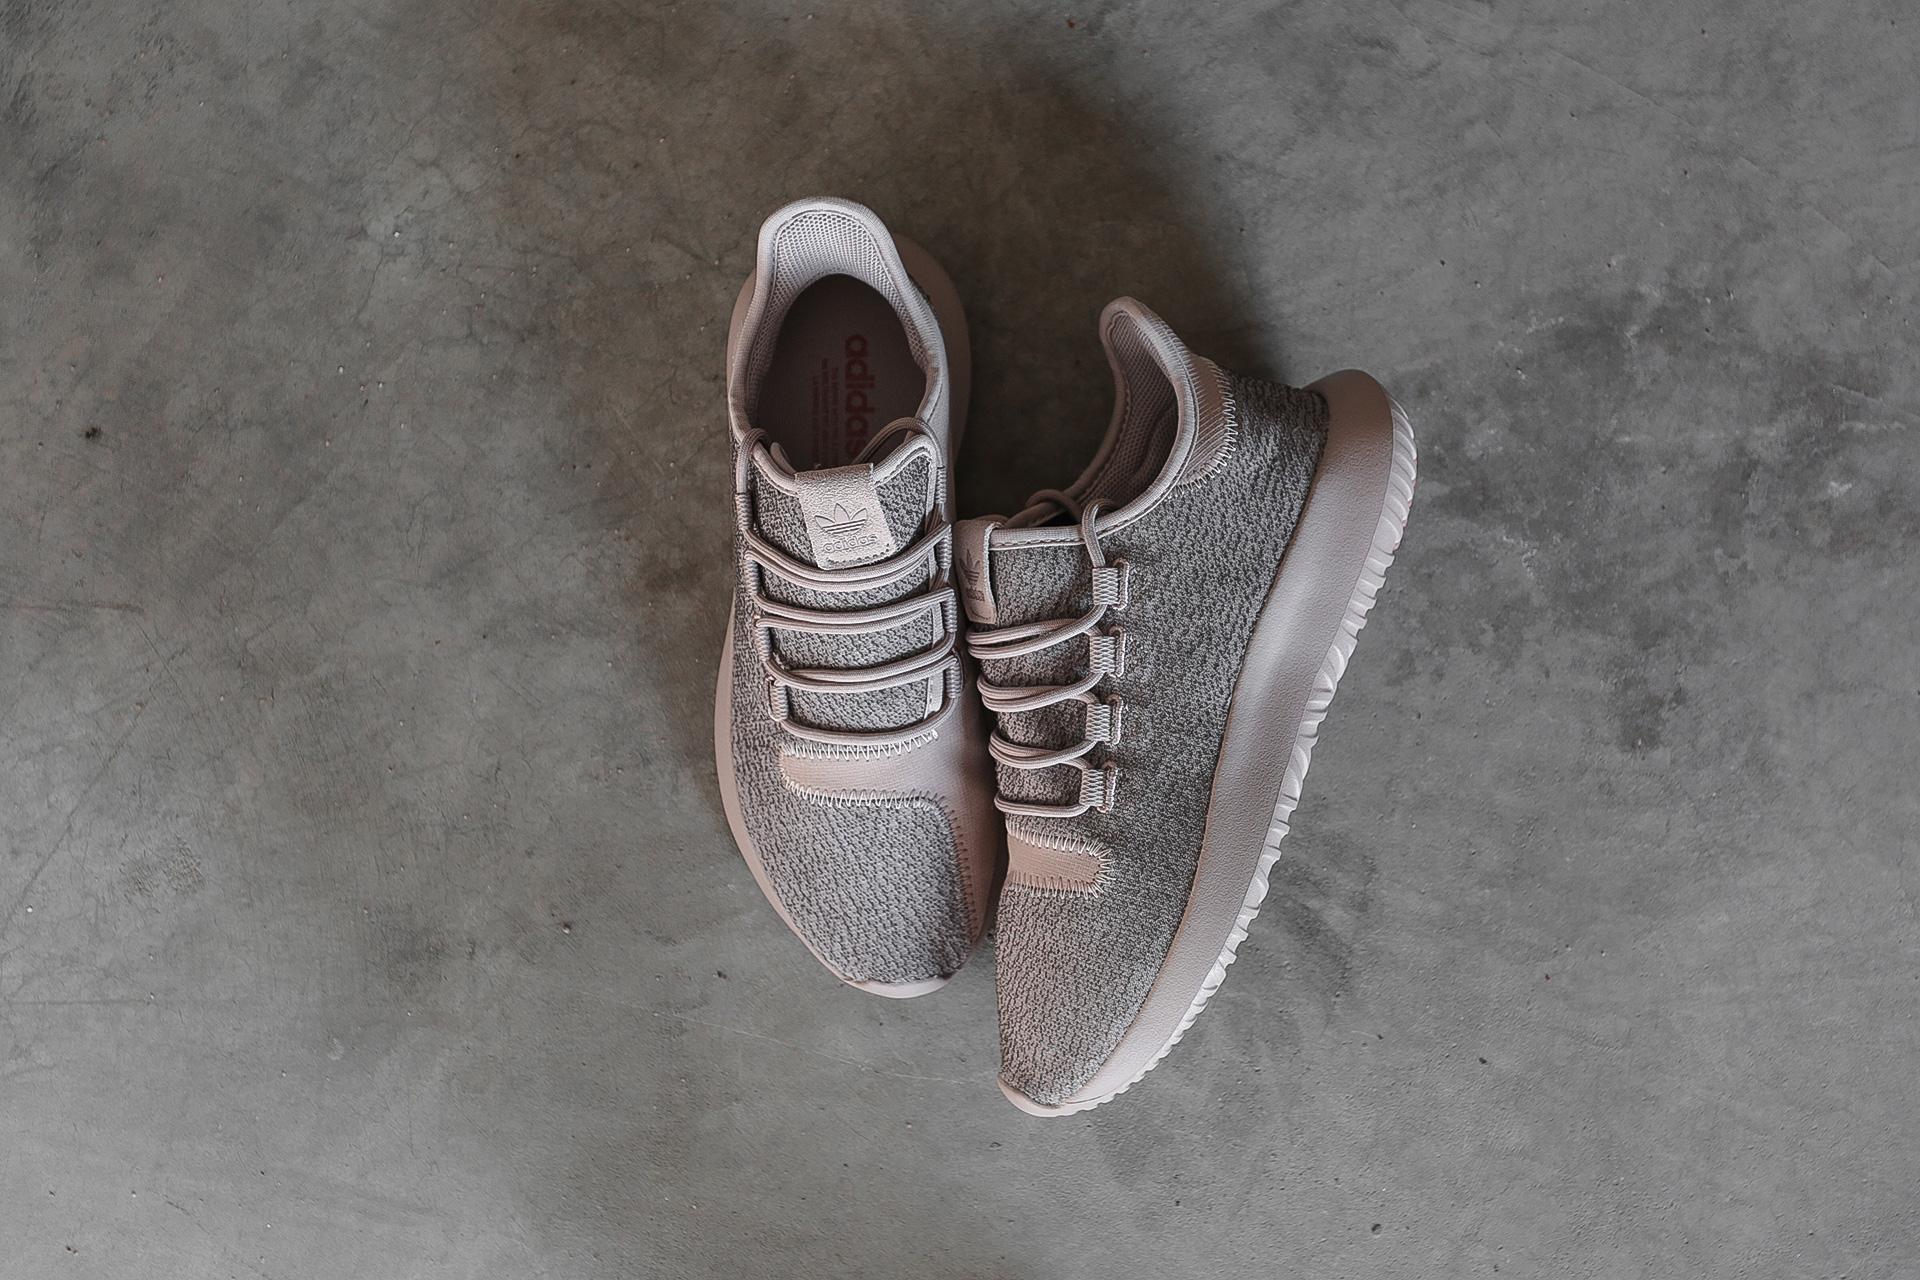 7a3b5b69d Купить бежевые мужские кроссовки Tubular Shadow от adidas Originals ...